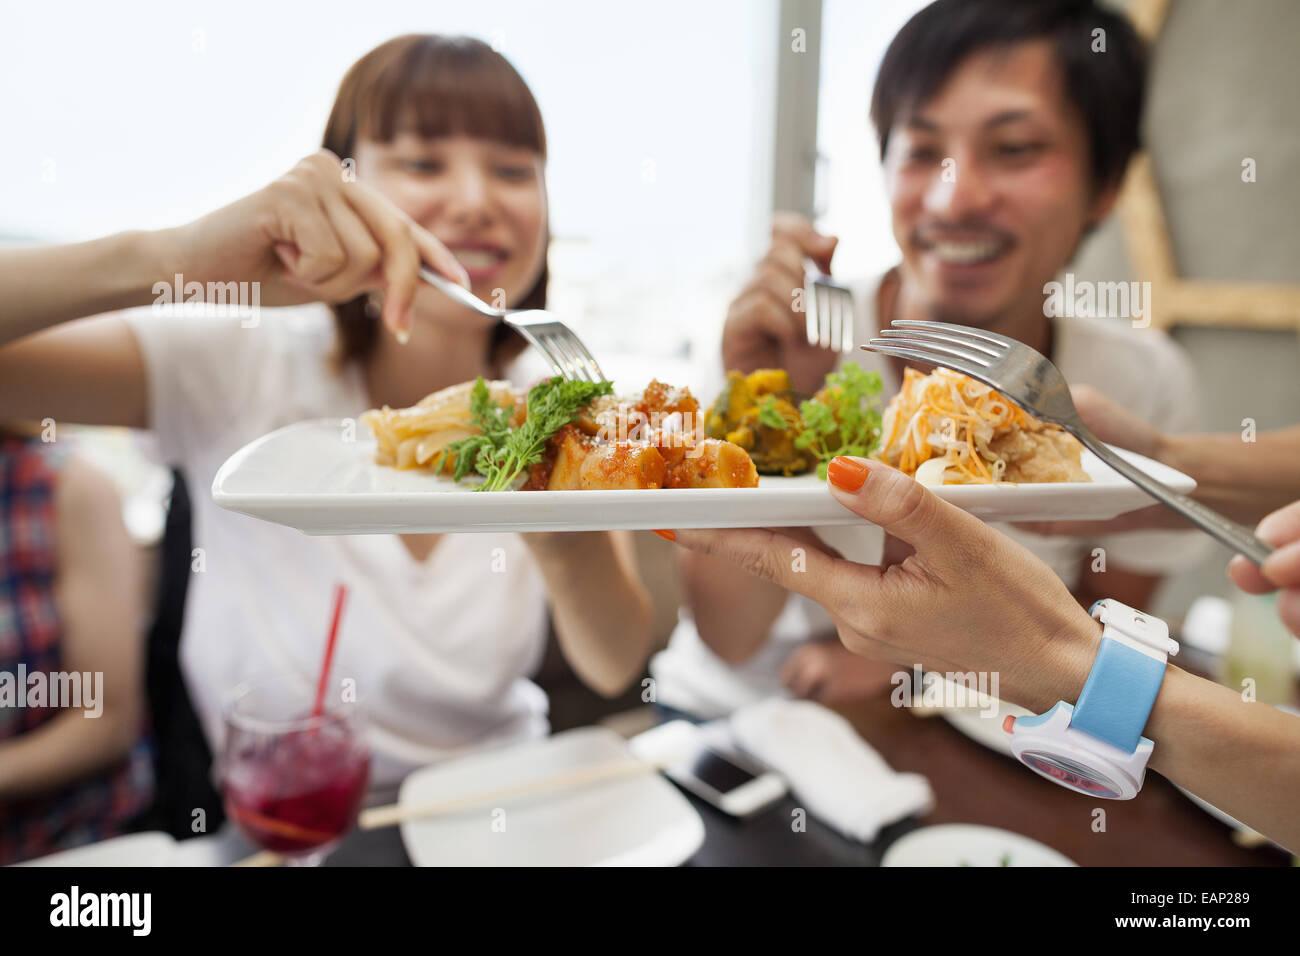 Groupe d'amis partageant un repas. Photo Stock